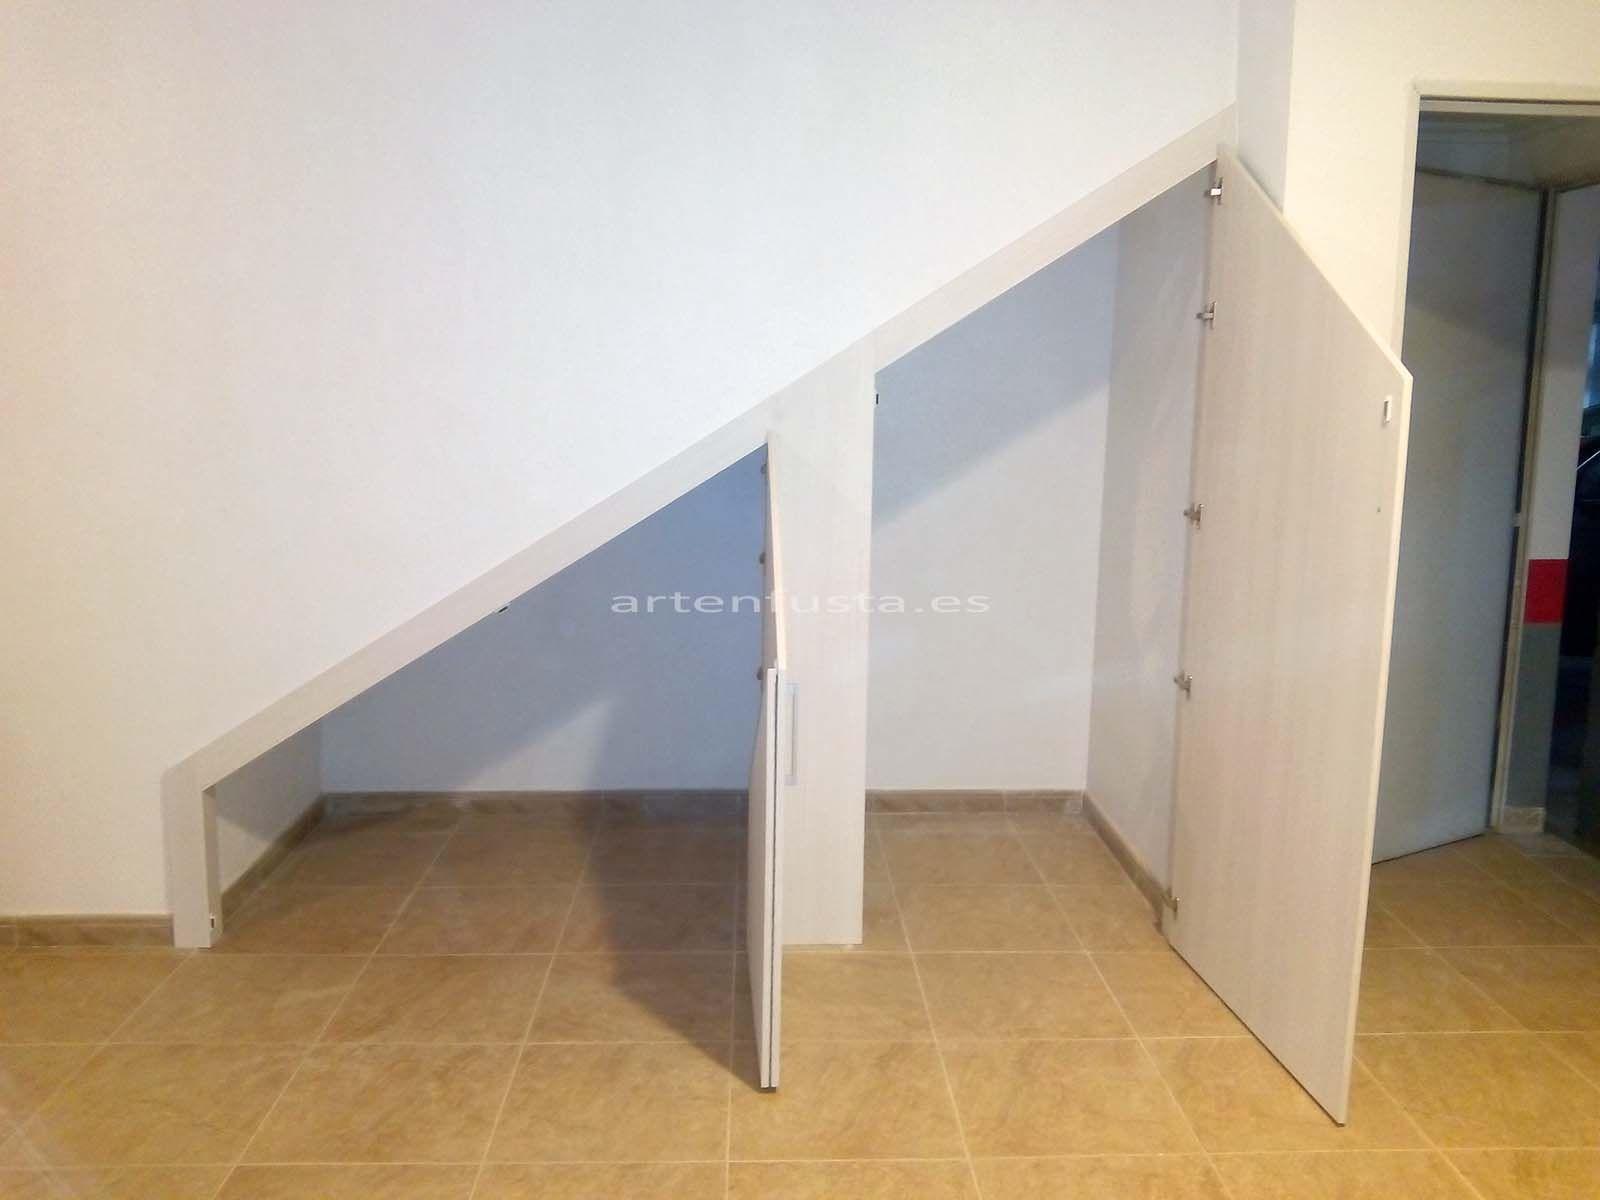 Puertas a medida de bajo de escalera elche alicante for Armario escalera